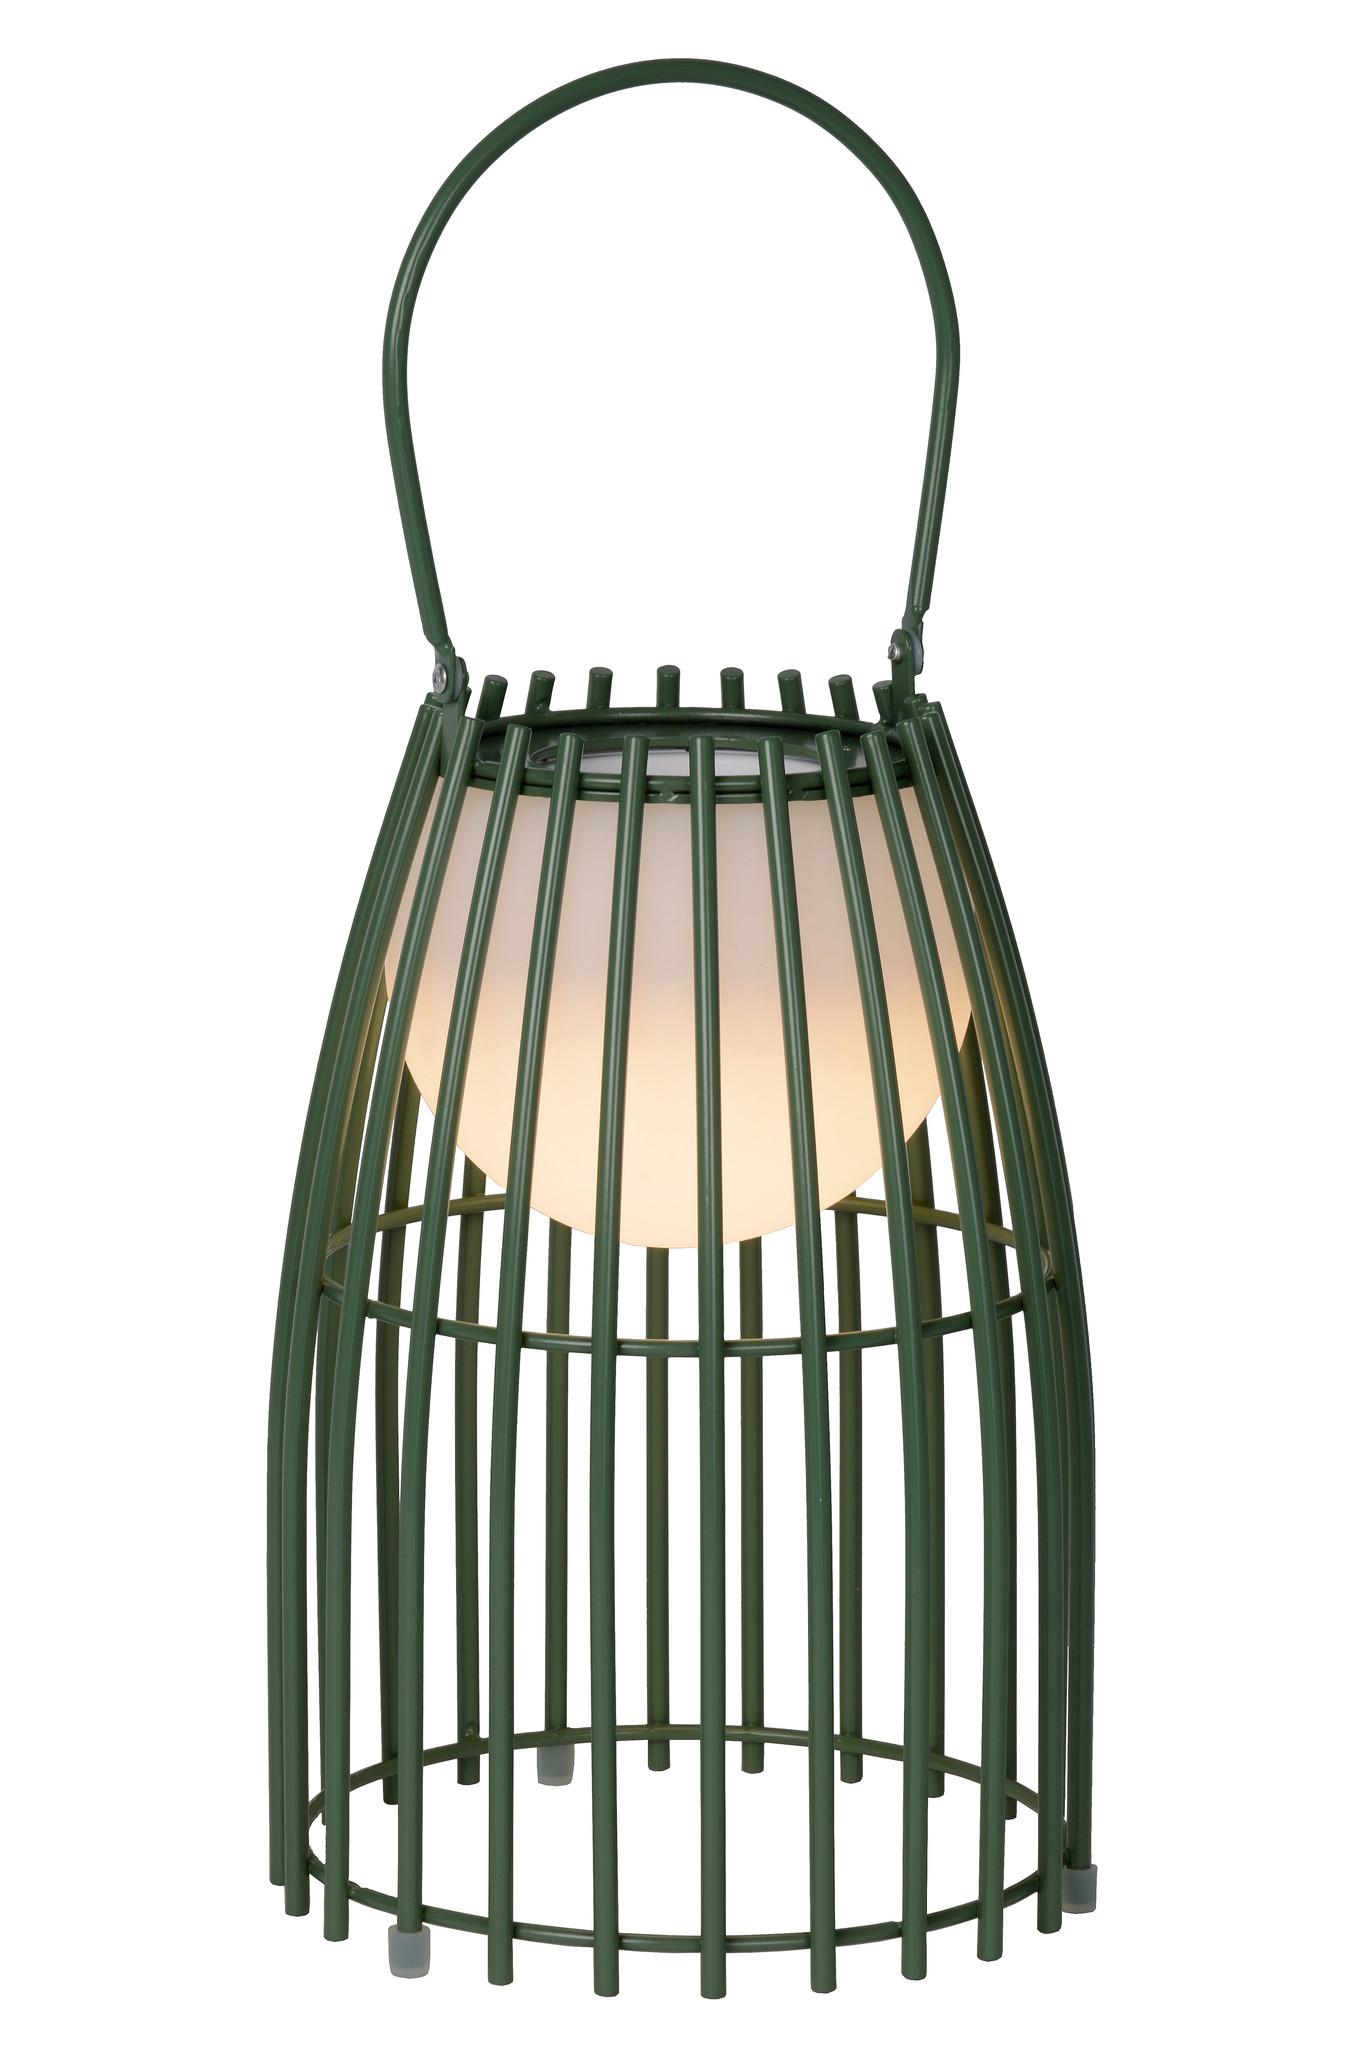 Lucide FJARA Tafellamp Buiten-Groen-Ø17,5-LED Dimb.-0,3W